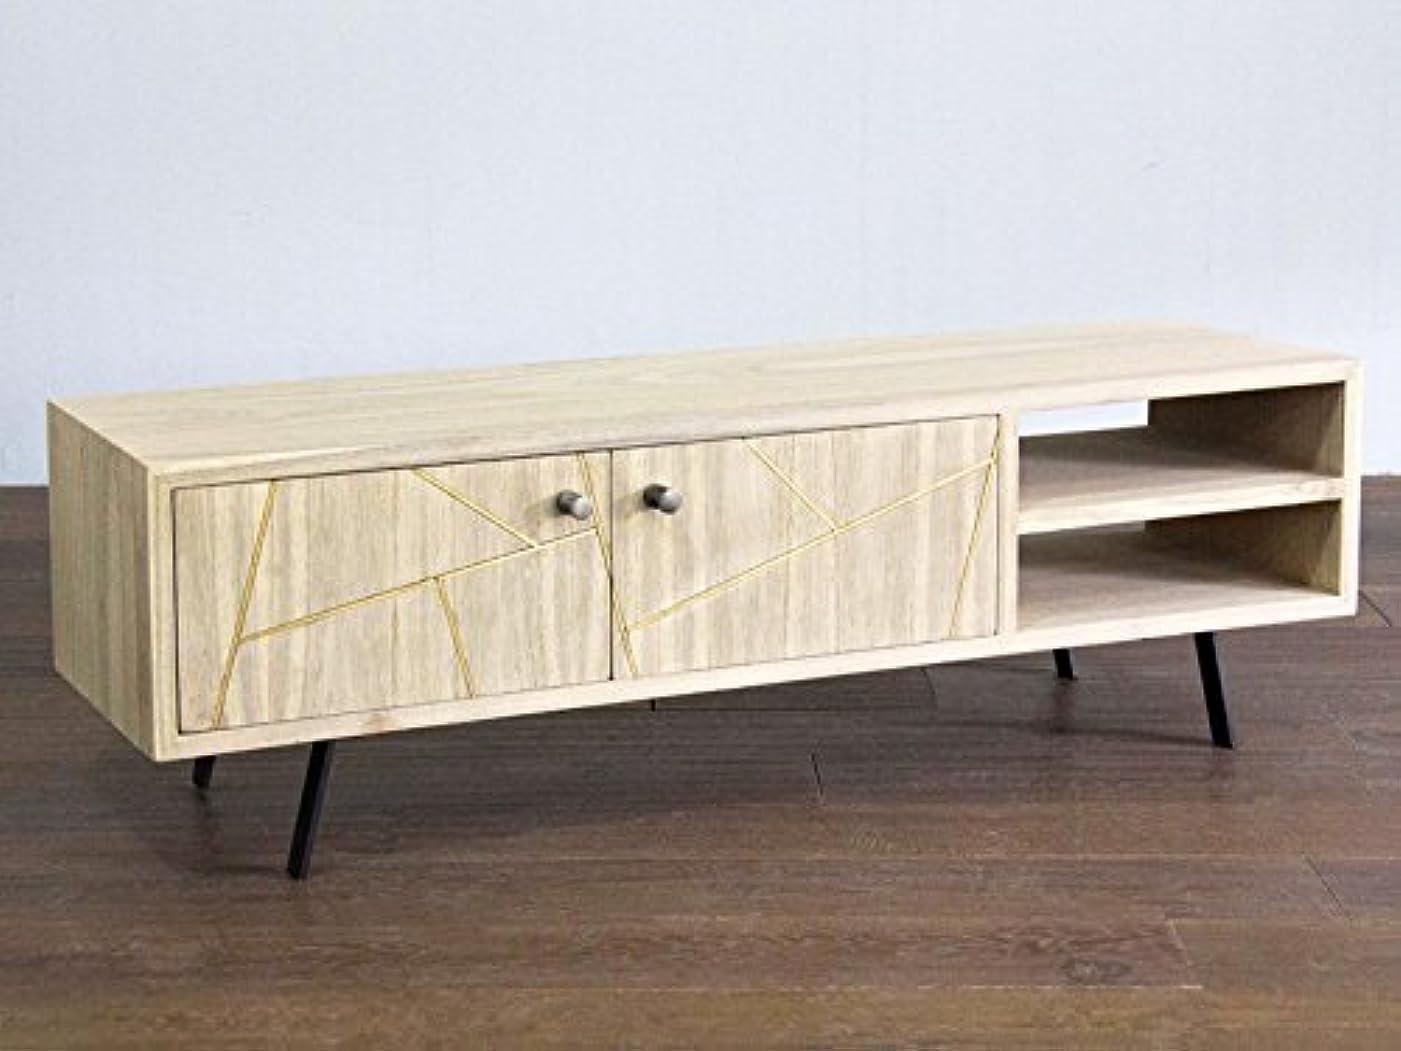 ぺディカブに応じて融合テレビボード ミンディ 木製 ワム 145cm テレビ台 TV Cabinet